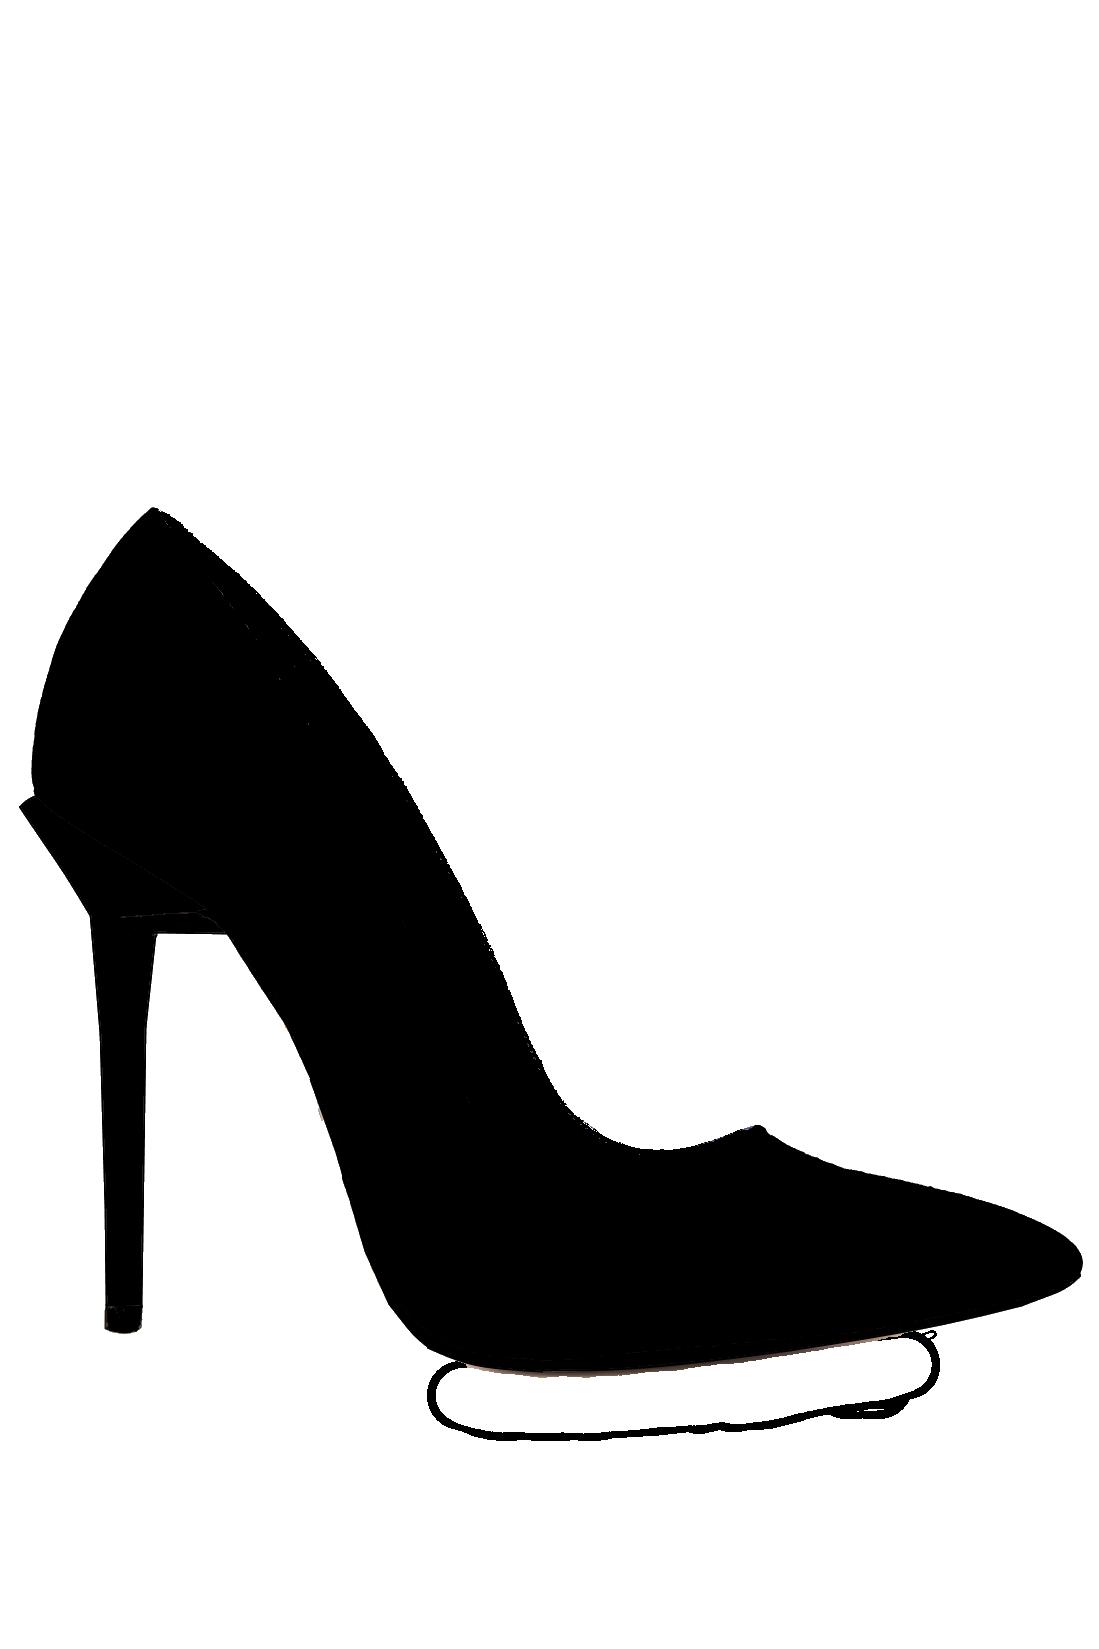 Categories shoes sandals page. Heels clipart golden shoe